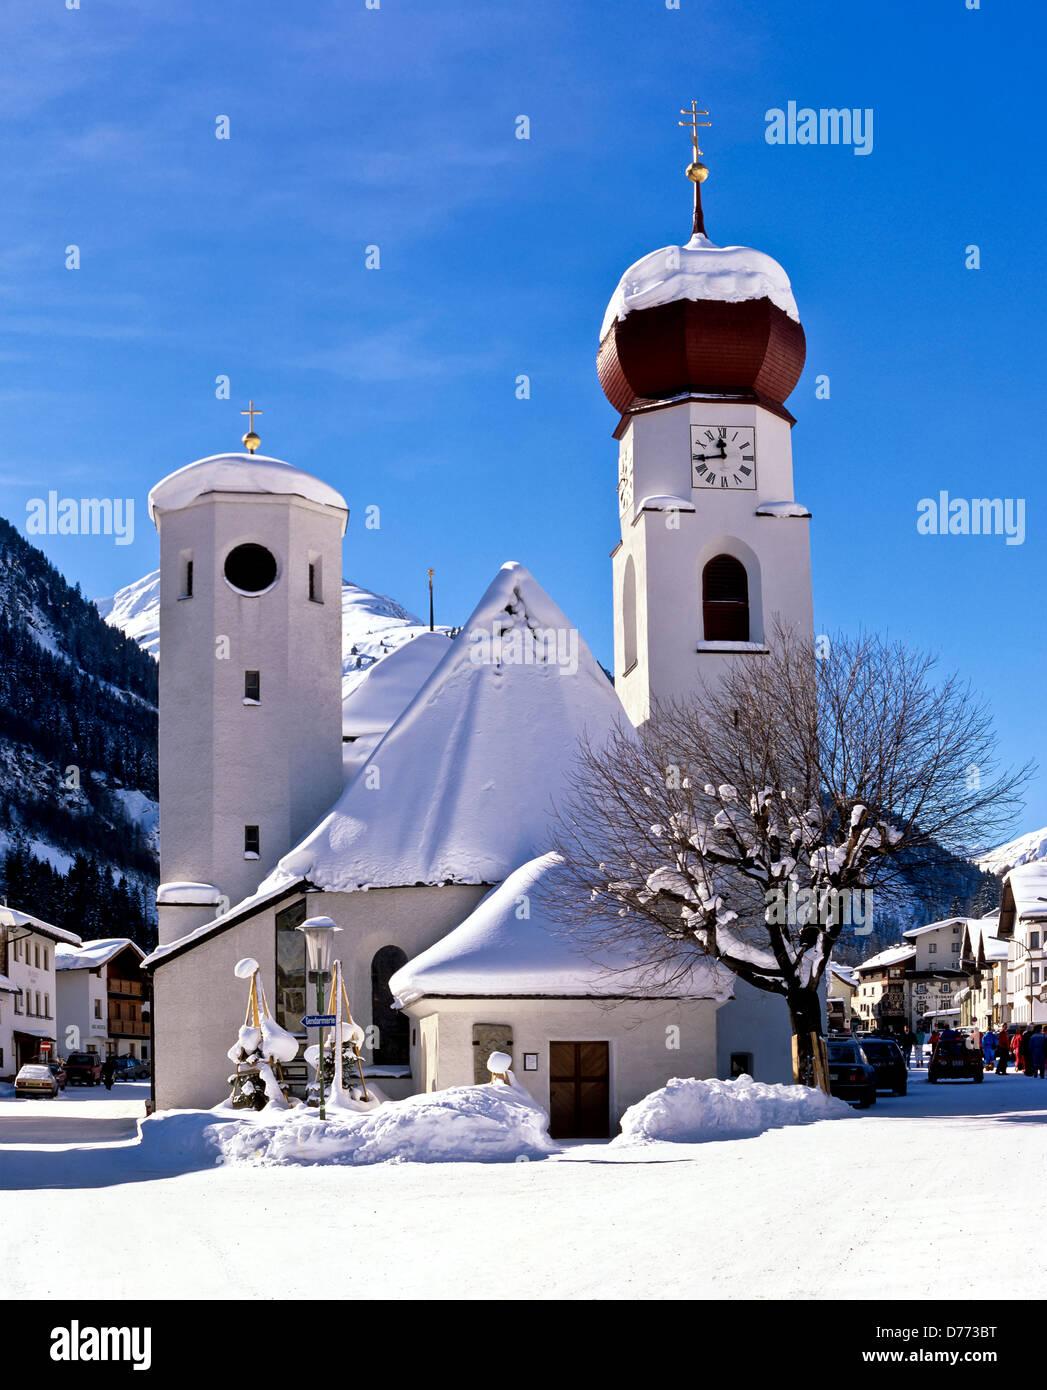 8698. St Anton, Tirol, Austria, Europe - Stock Image